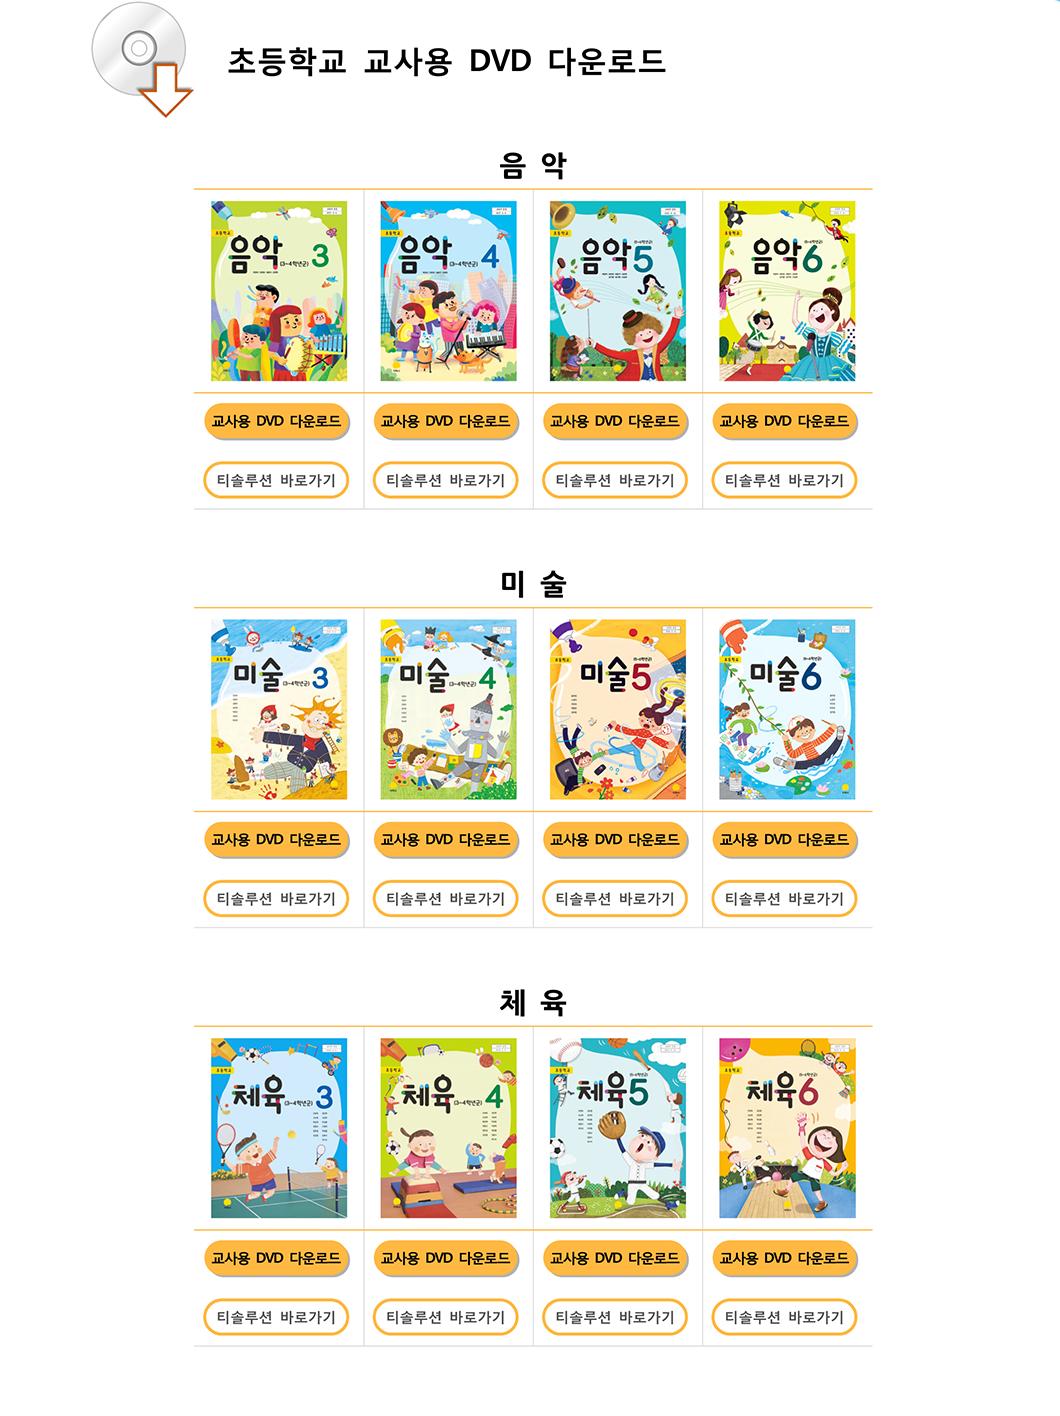 초등학교 교사용 DVD 다운로드